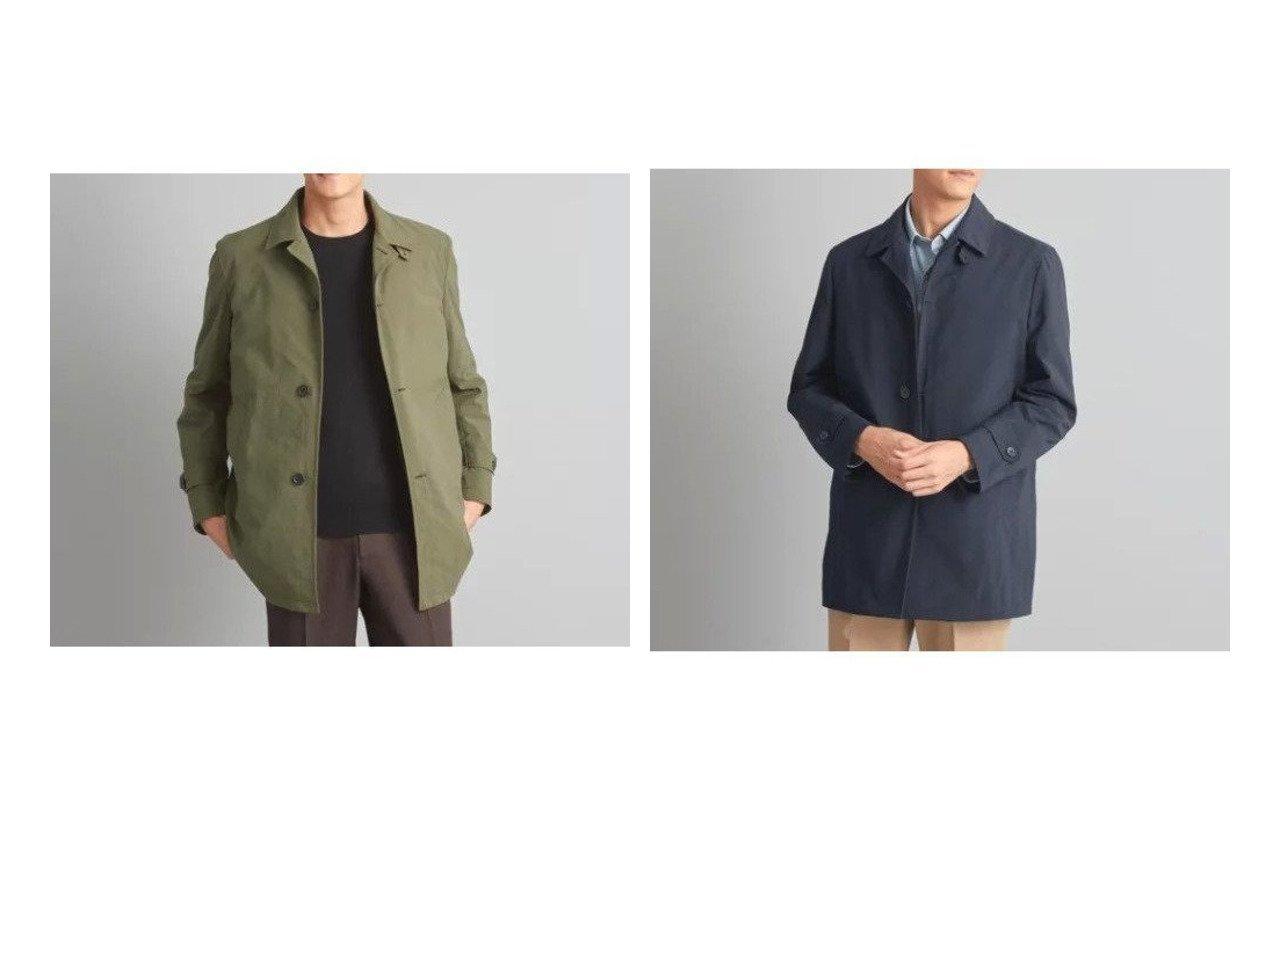 【green label relaxing / UNITED ARROWS / MEN/グリーンレーベルリラクシング メン】のWTO ナイロン ライナー ステンカラー コート 【MEN】男性のおすすめ!人気トレンド・メンズファッションの通販  おすすめで人気のファッション通販商品 インテリア・家具・キッズファッション・メンズファッション・レディースファッション・服の通販 founy(ファニー) https://founy.com/ ファッション Fashion メンズ MEN 春 秋 ジャケット スマート ダウン トレンド メンズ ライナー |ID:crp329100000006547